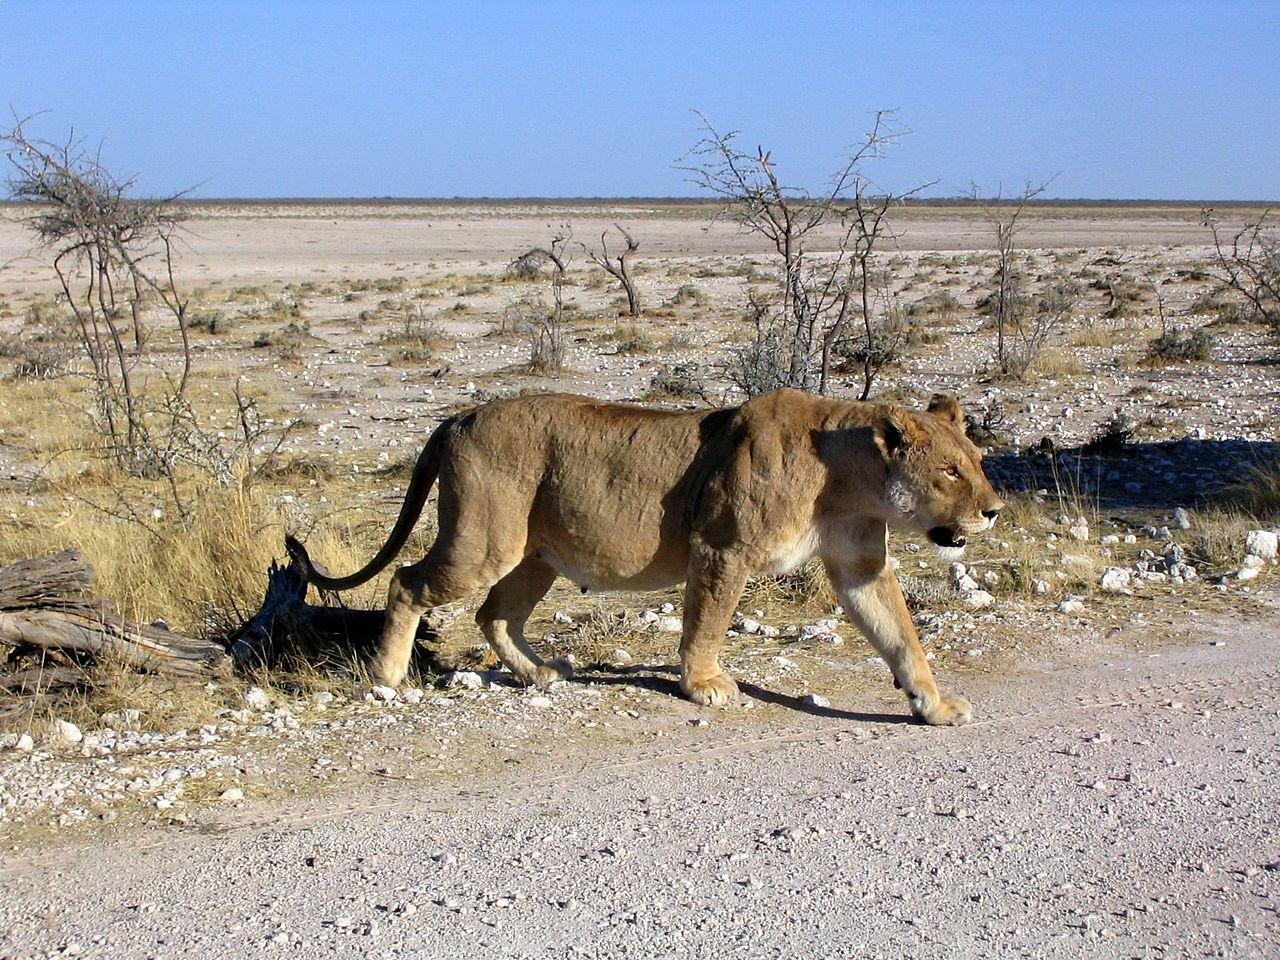 Etosha National Park, Namibia - Wildlife Photos and Tips